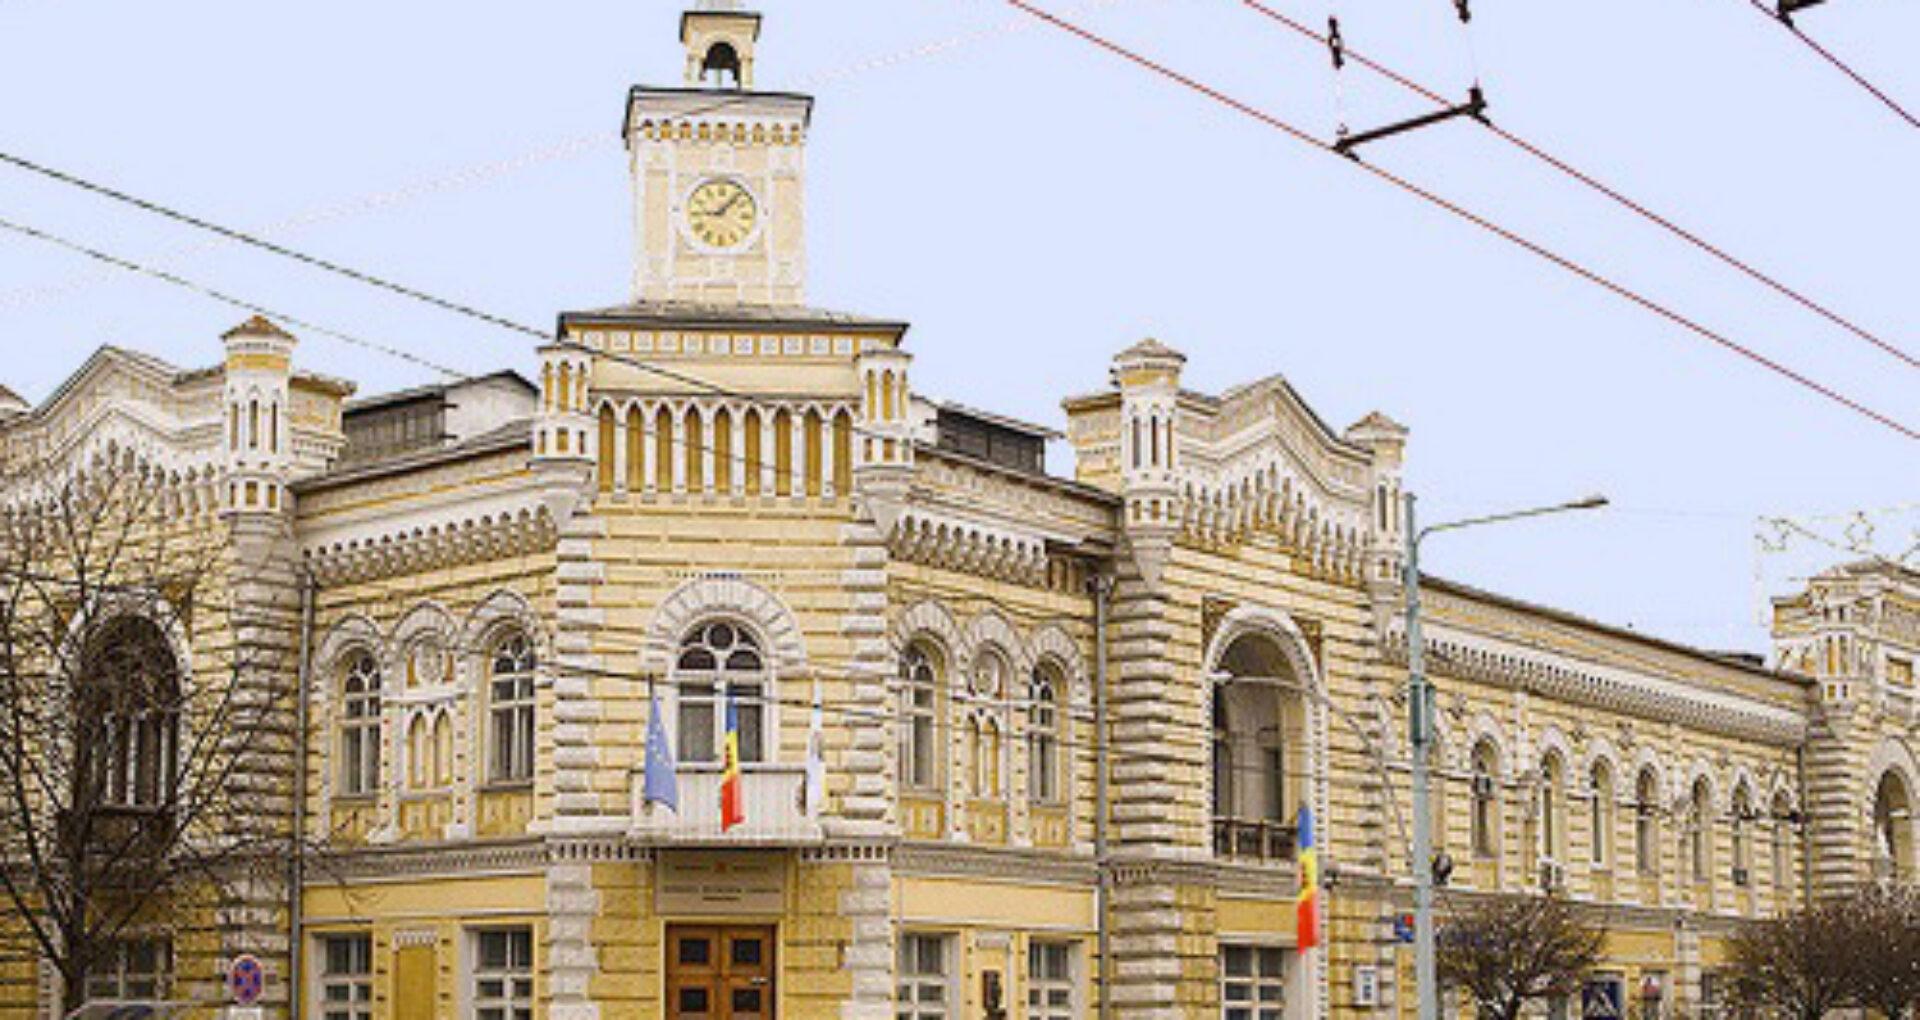 DOC/ Șase funcționari din cadrul Primăriei Chișinău vor investiga de ce un viceprimar a lipsit de la muncă. Primarul Capitalei a semnat o dispoziție pentru crearea unui grup de lucru în acest sens